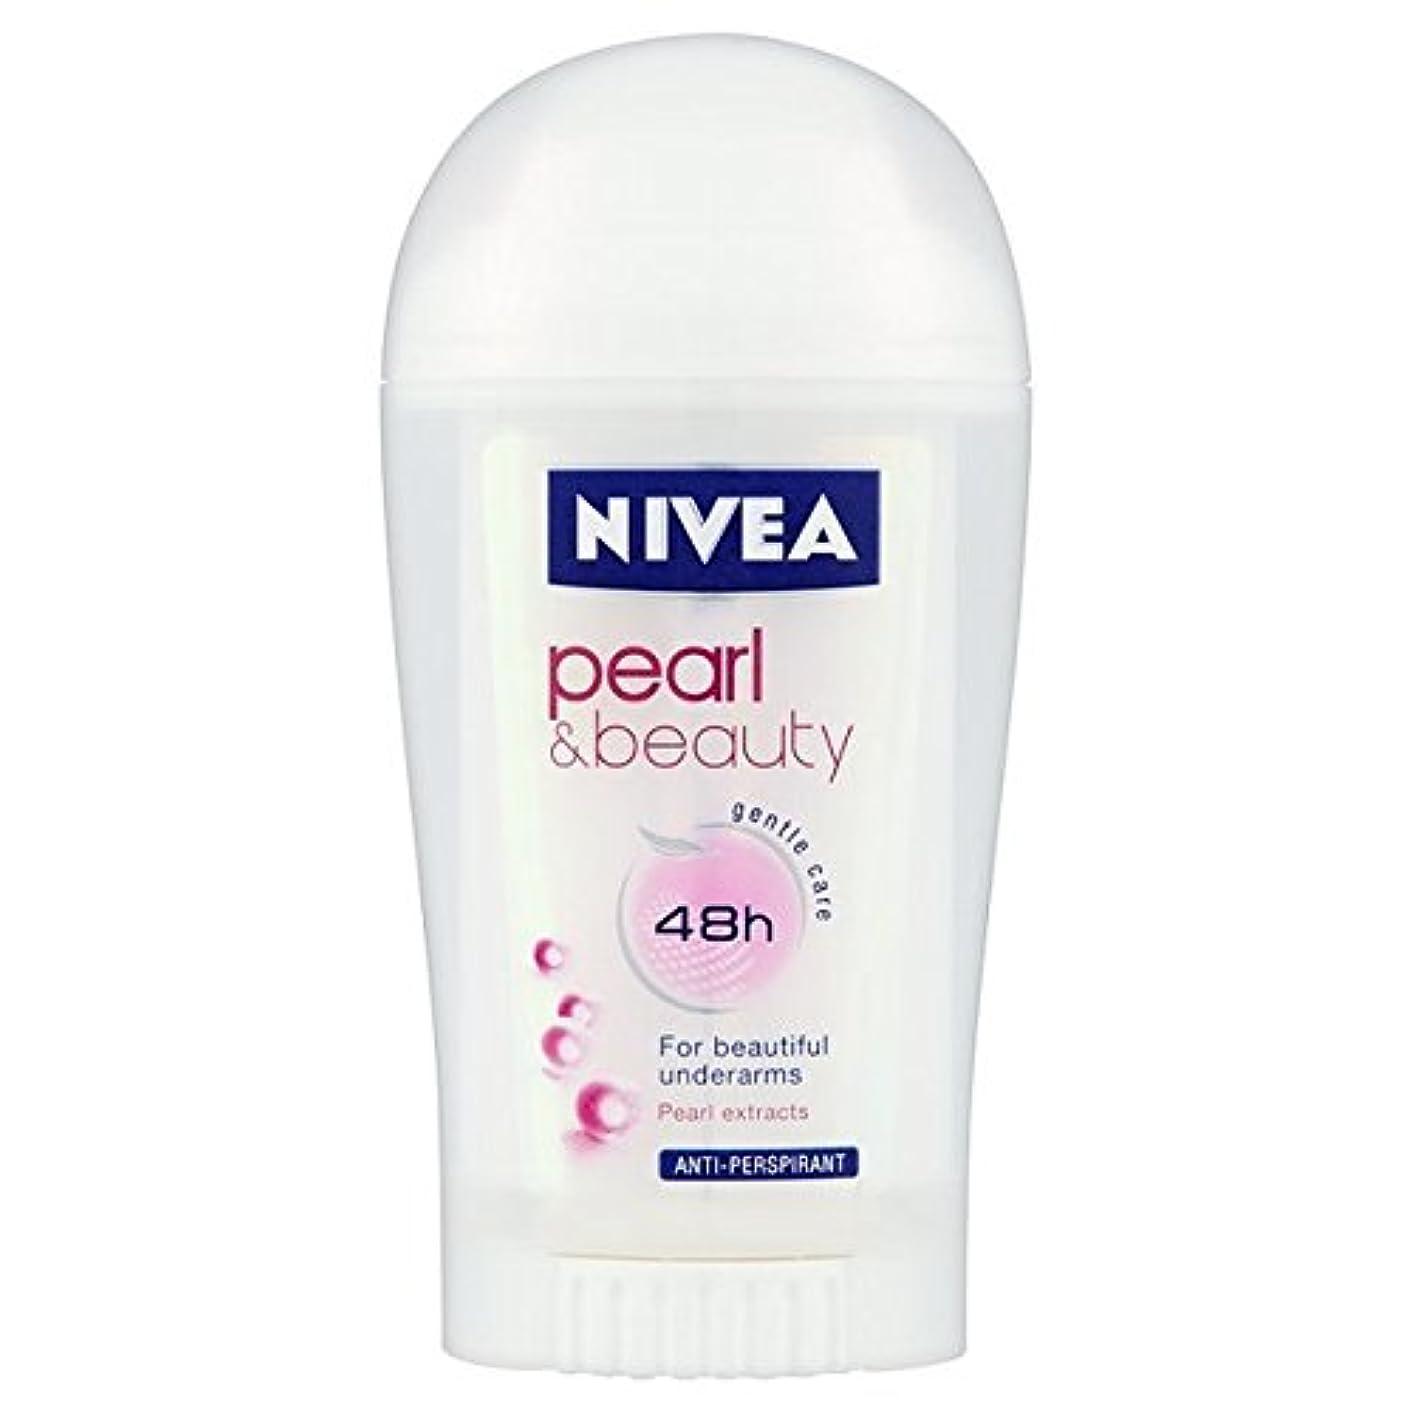 フロンティア密輸疫病ニベア真珠&ビューティー制汗デオドラントスティック40ミリリットル x4 - Nivea Pearl & Beauty Anti-Perspirant Deodorant Stick 40ml (Pack of 4) [並行輸入品]